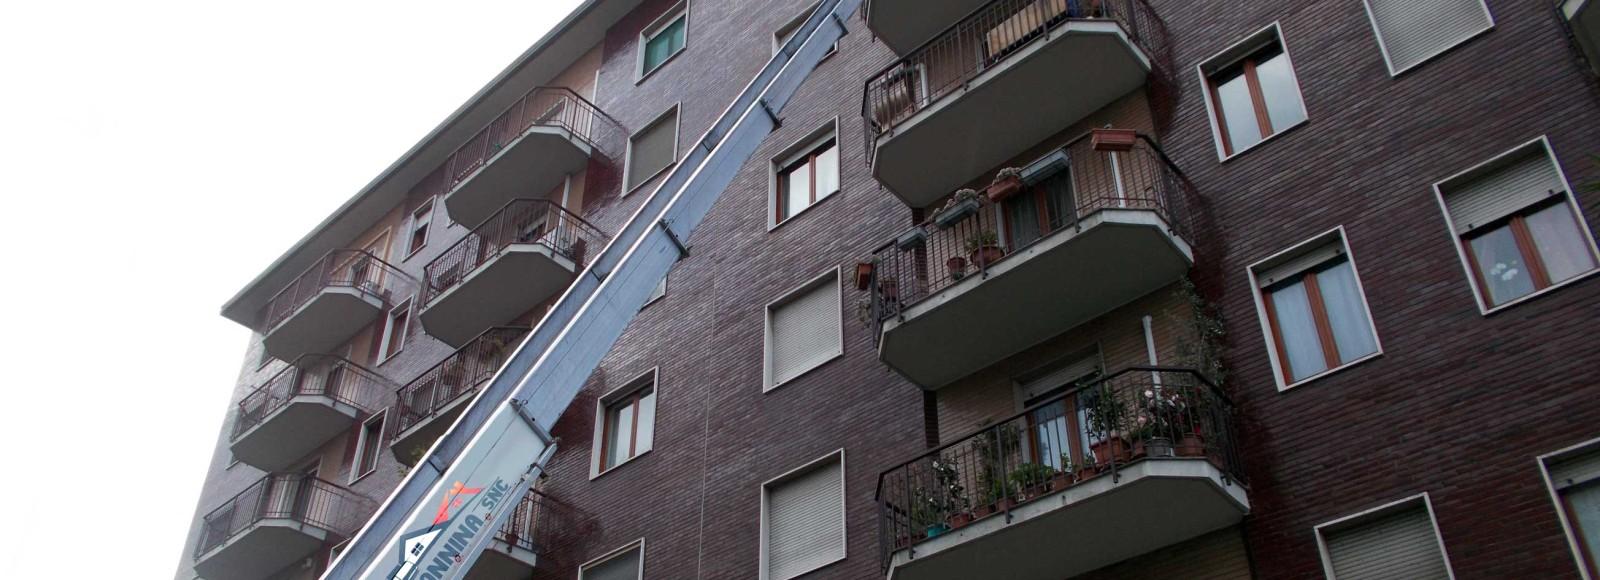 sgomberi-appartamenti-milano-cantiere